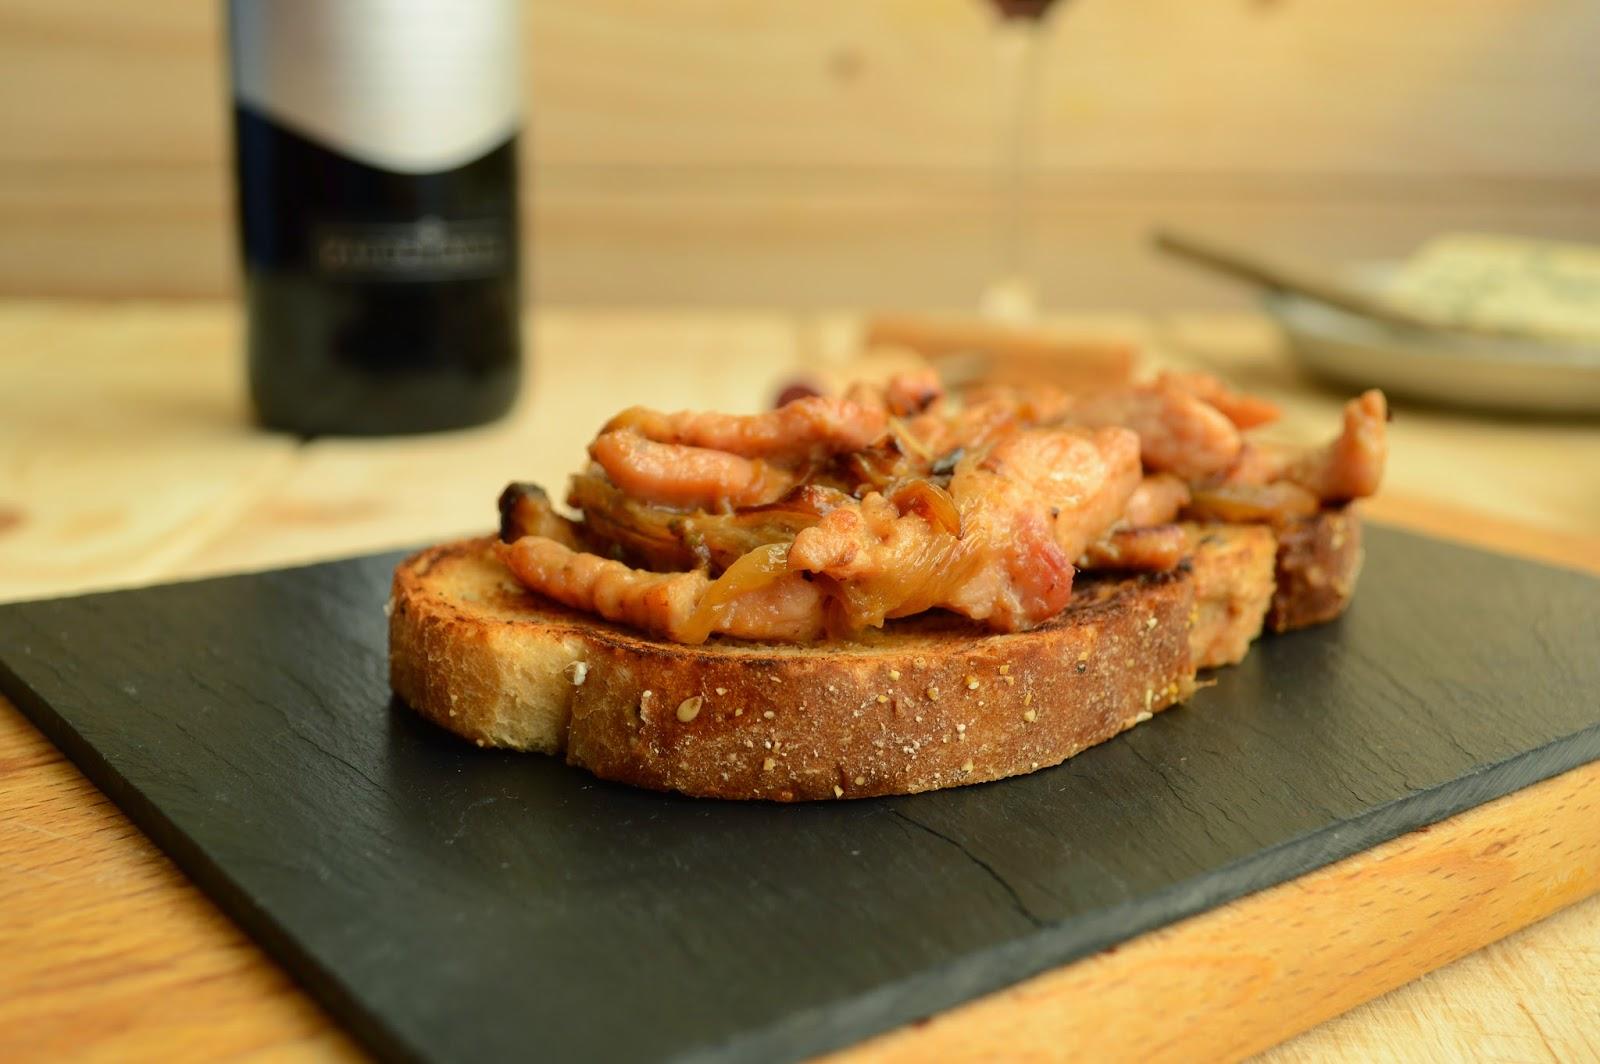 Un vino, Altos de tamarón, con tosta de pavo, cebolla y queso azul